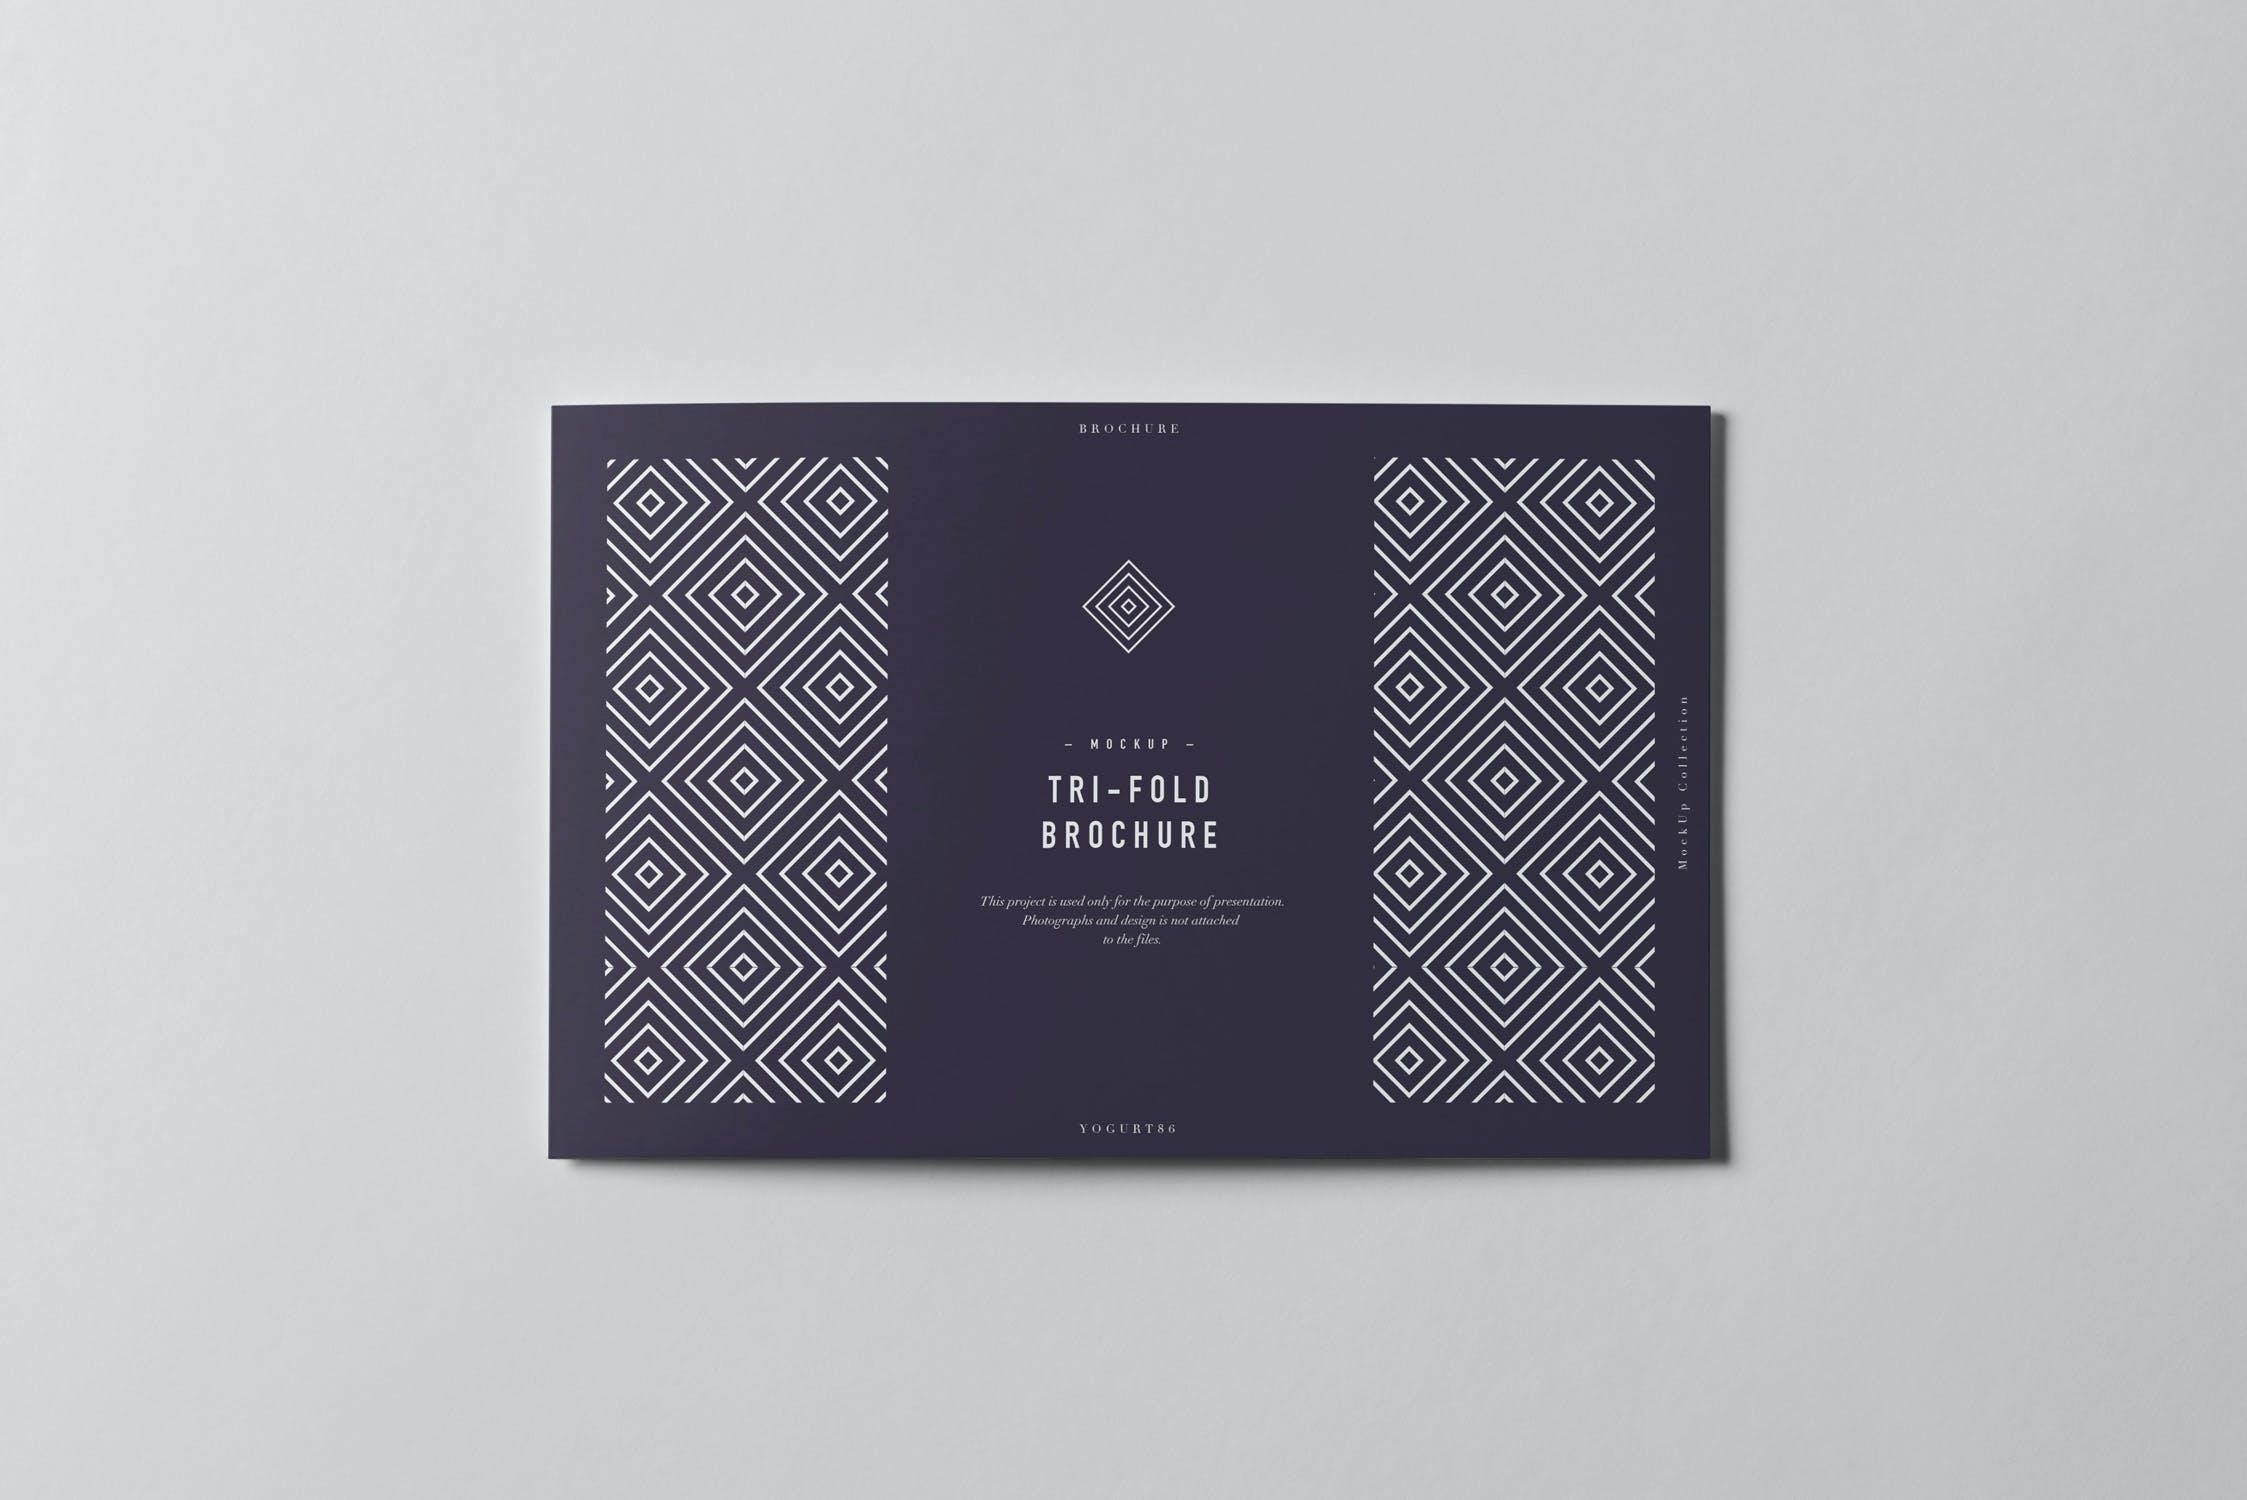 9款横版三折页小册子设计展示样机模板 Tri-Fold Half Letter Horizontal Brochure Mockup插图(8)